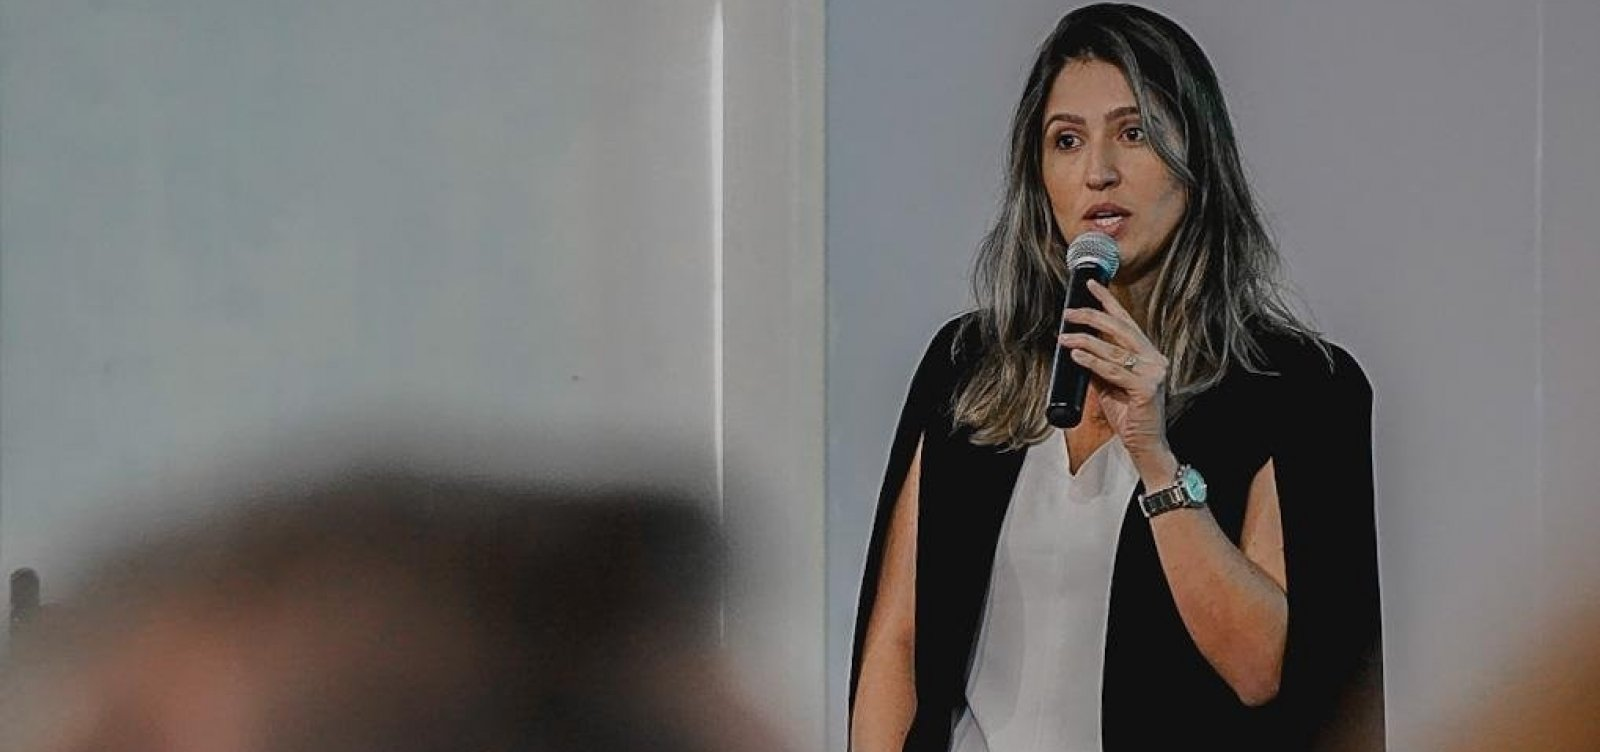 [Nomeada nesta segunda, nova presidente do Iphan tem laços de amizade com família Bolsonaro]